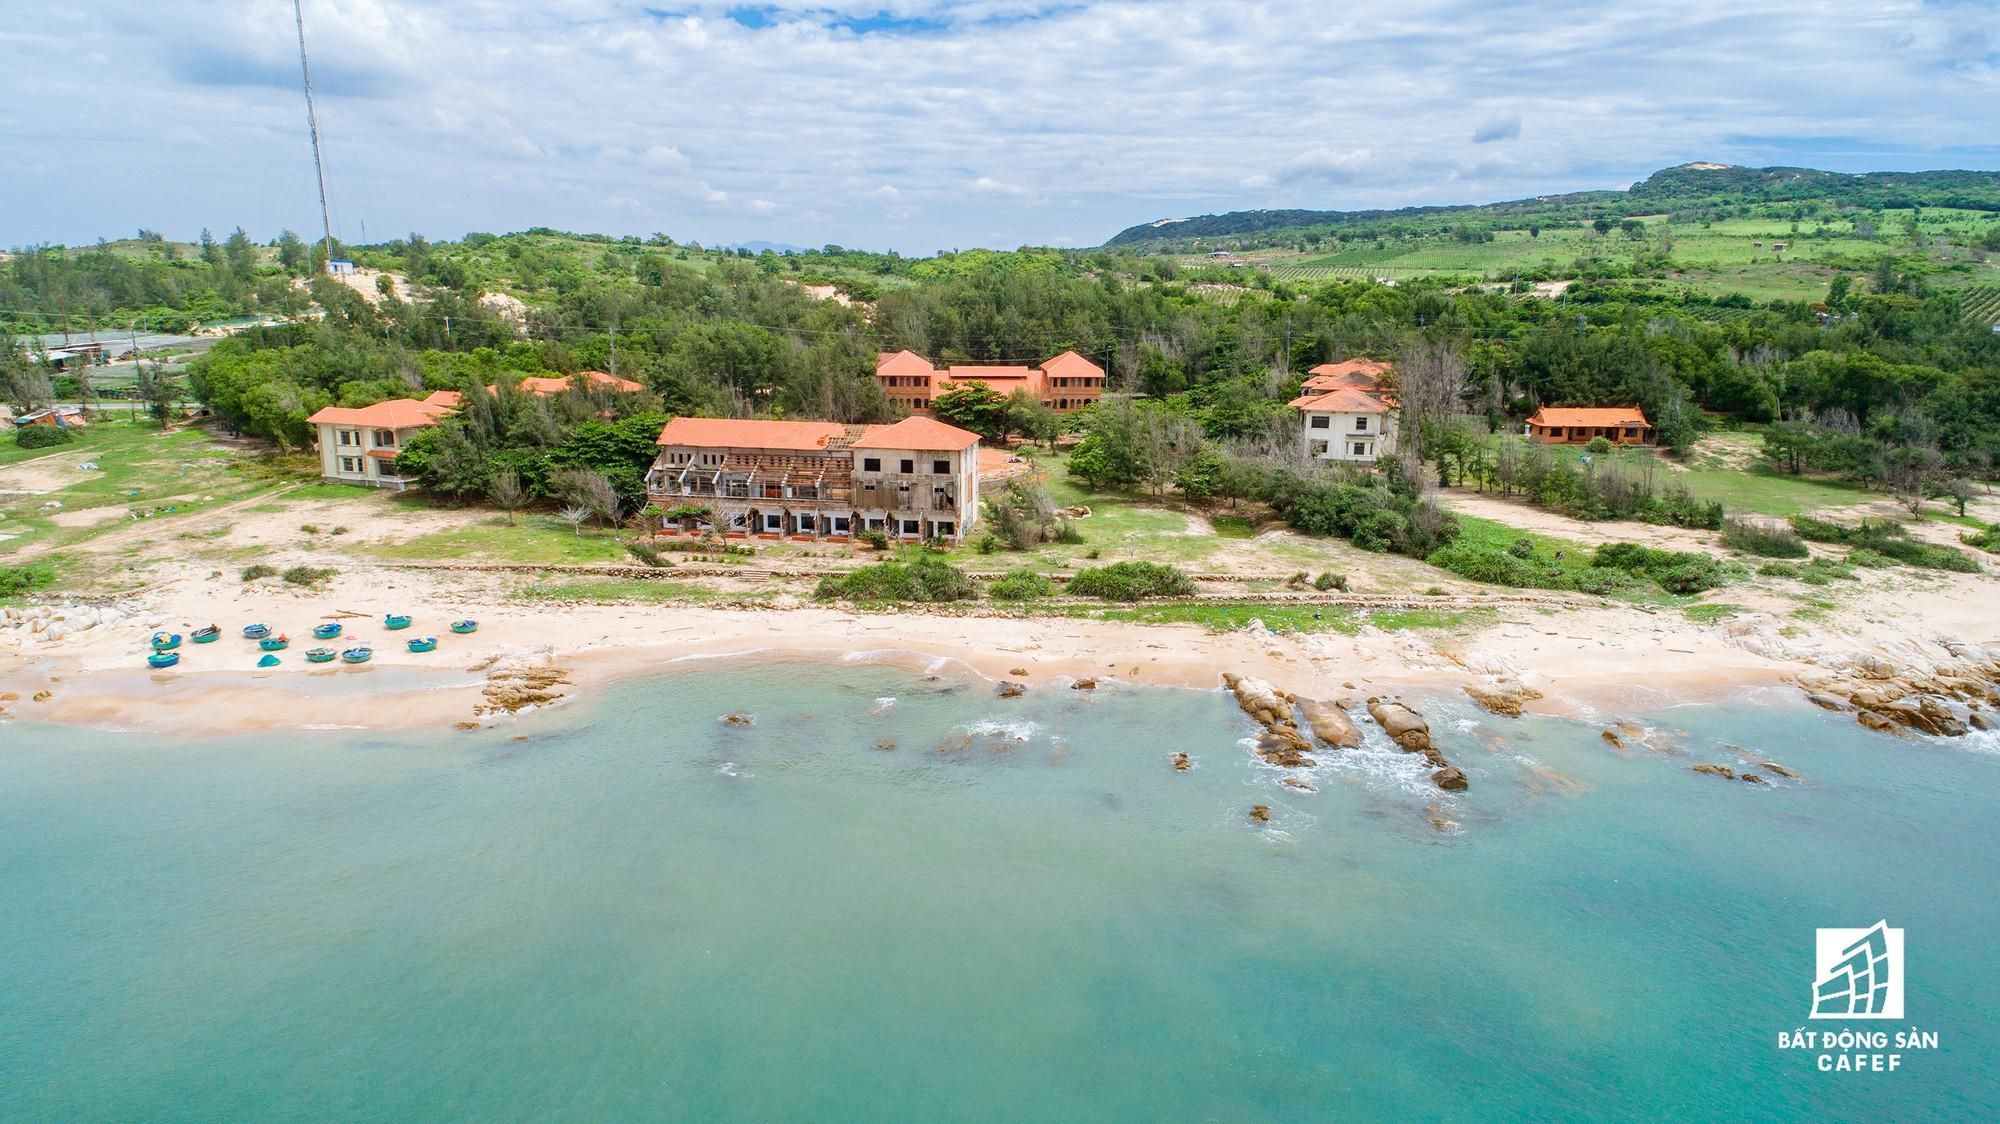 Quy hoạch thành khu du lịch quốc gia, dải ven biển này đang đón dòng vốn hàng tỷ USD, giá đất tăng chóng mặt - Ảnh 26.